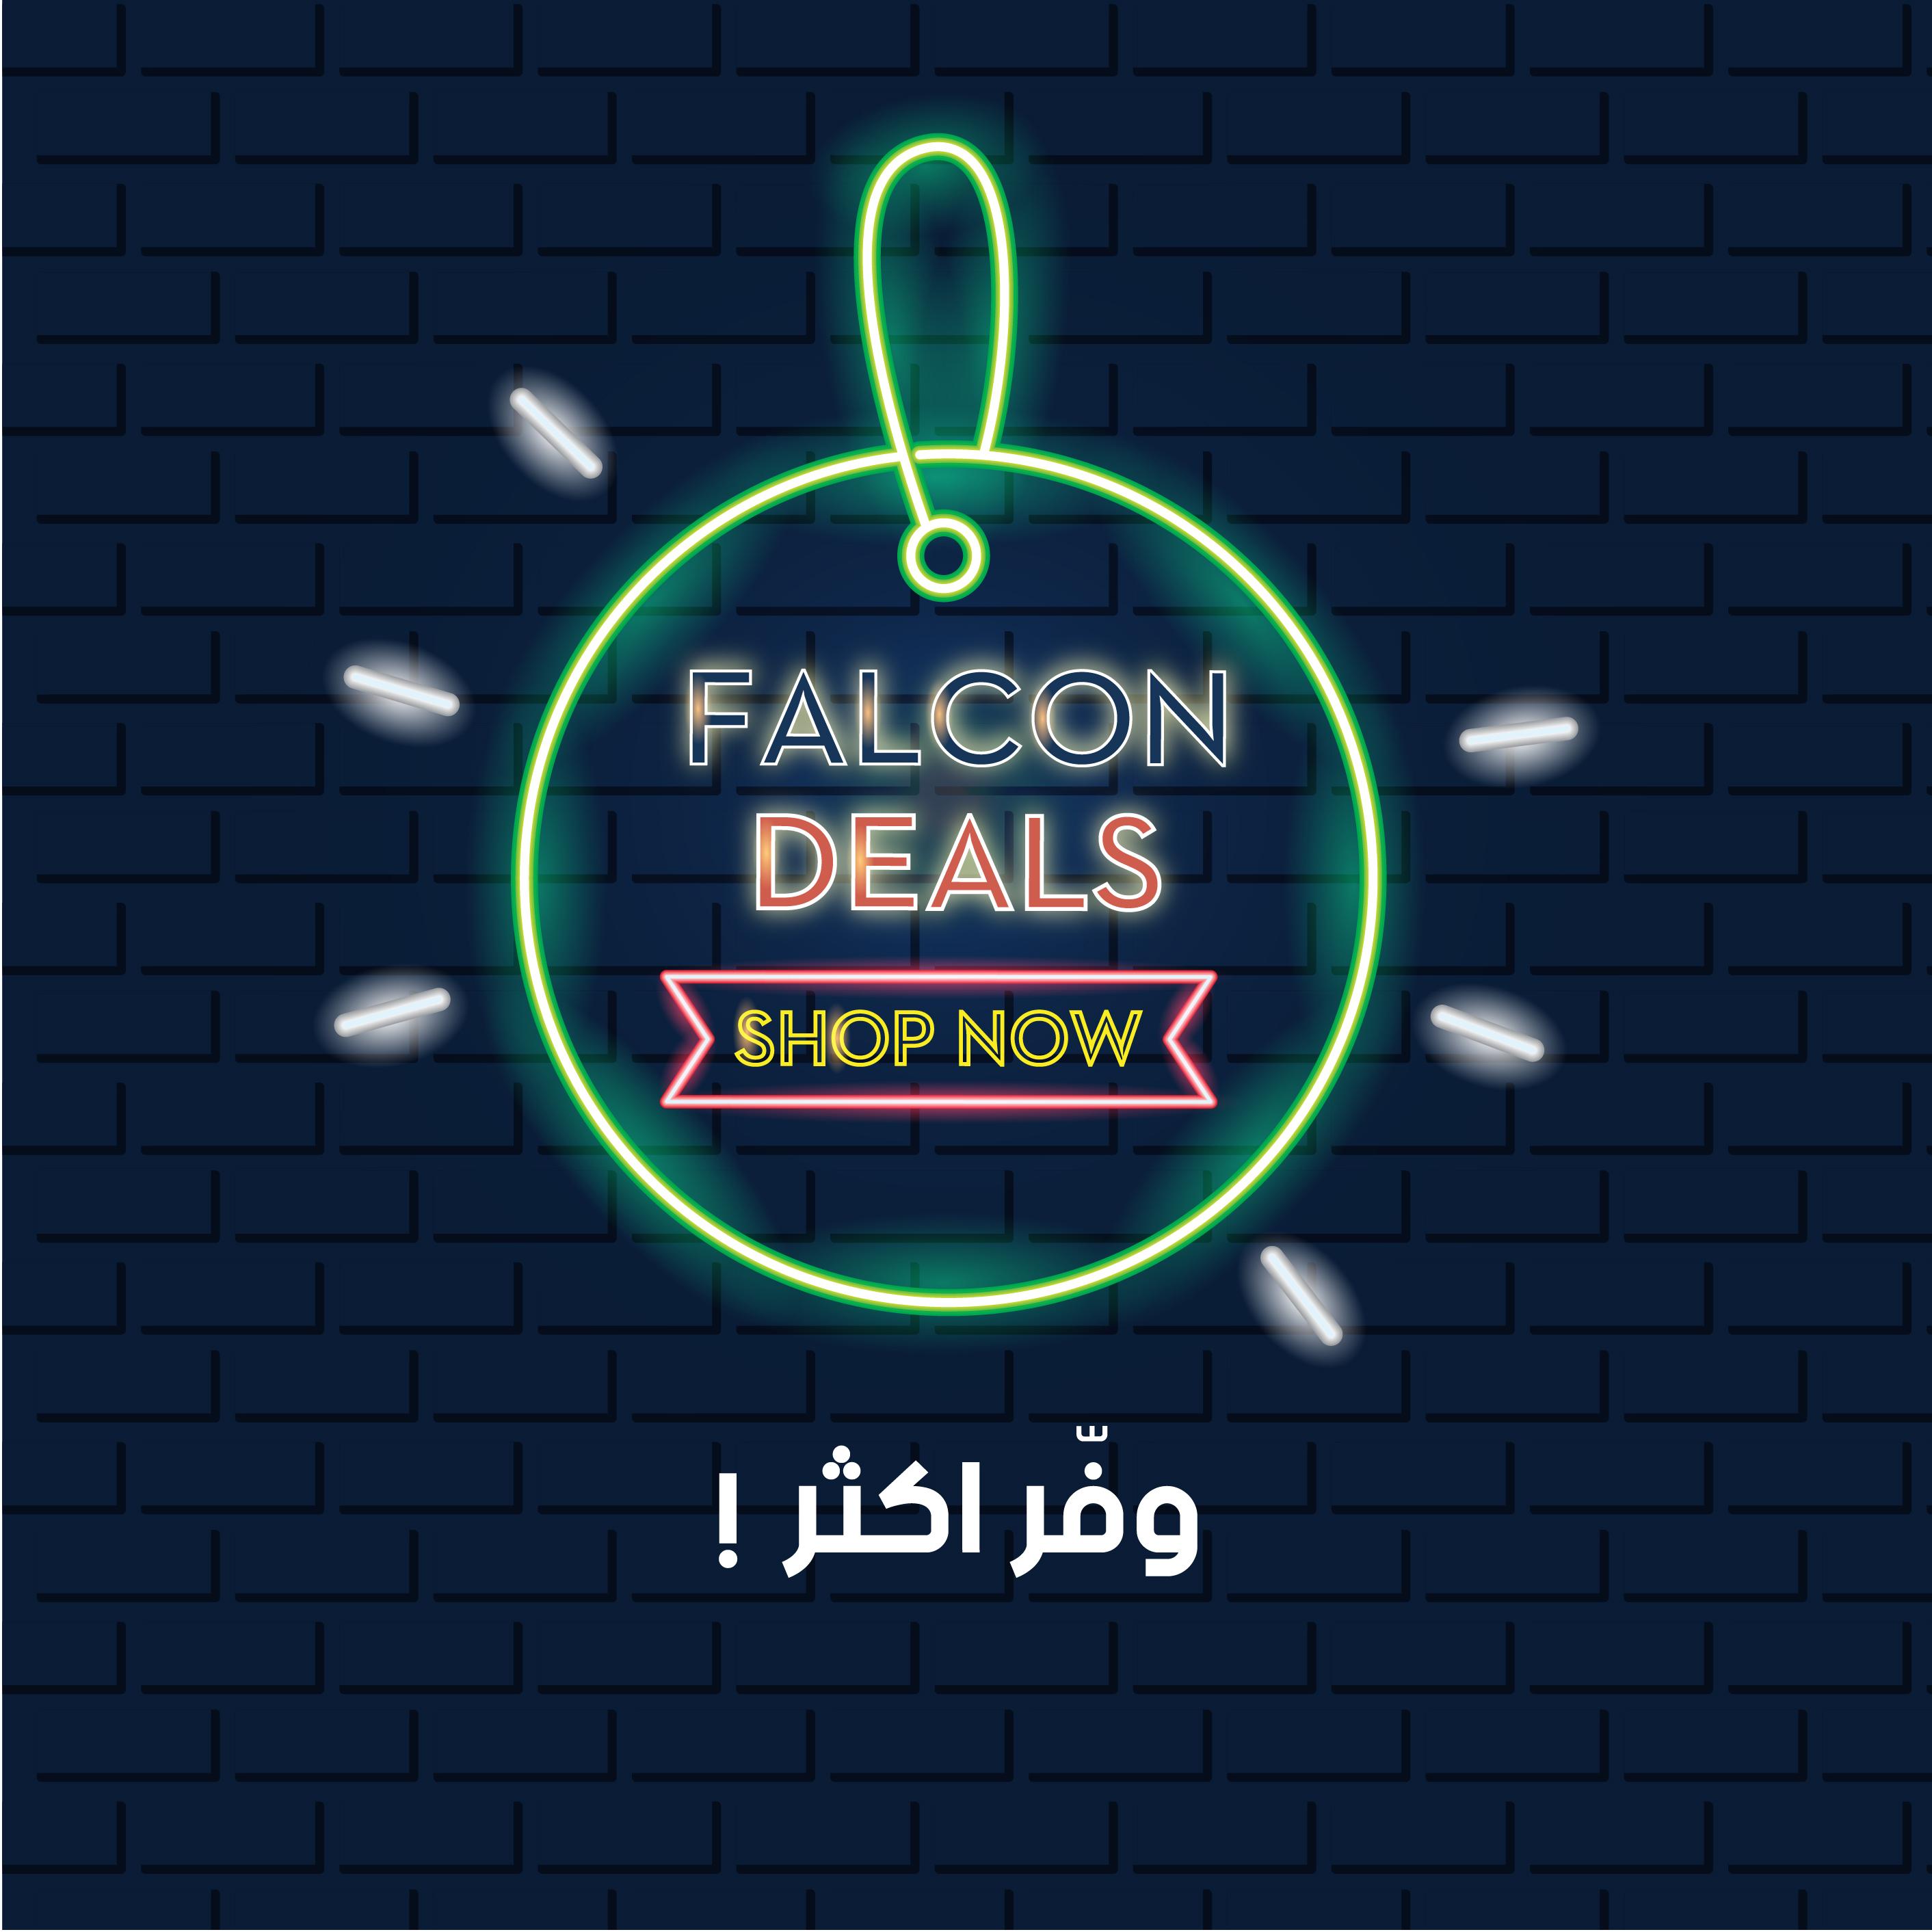 falcon deal